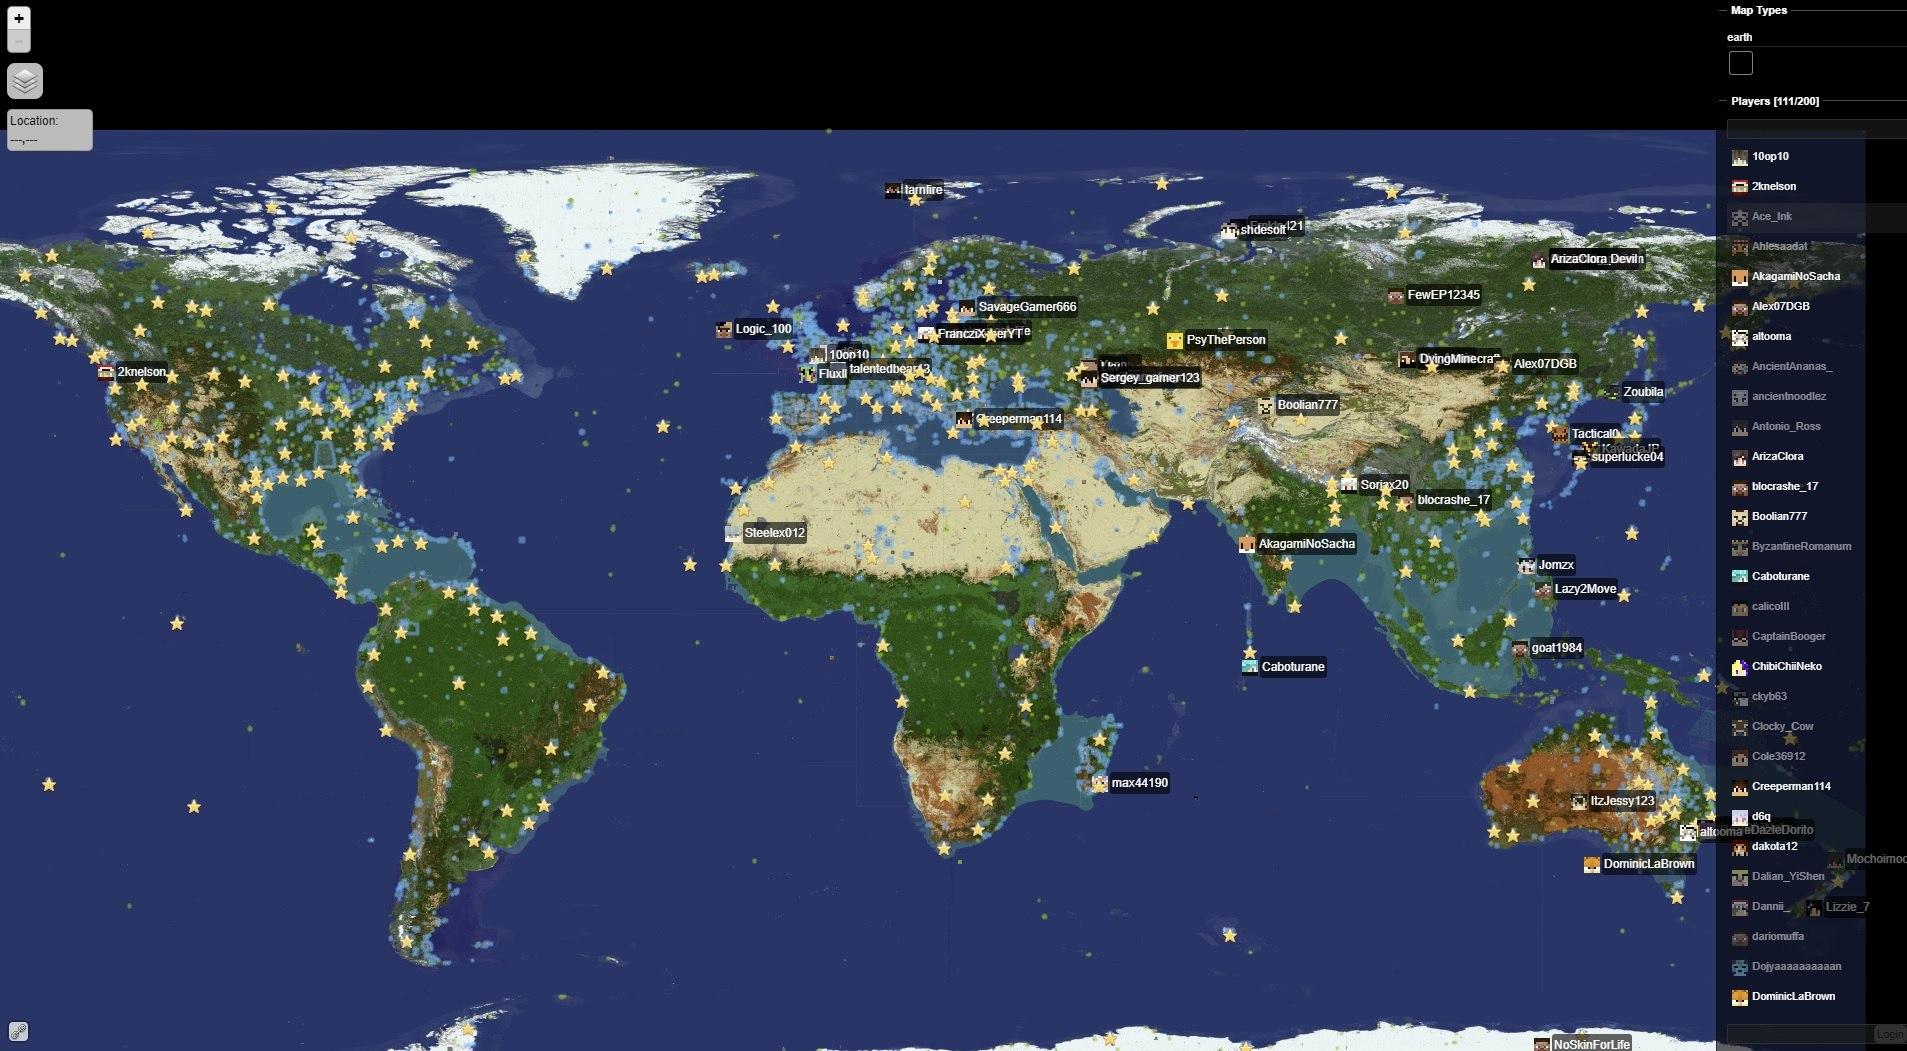 dynmap mapa podgladu terenu minecraft na stronie internetowej